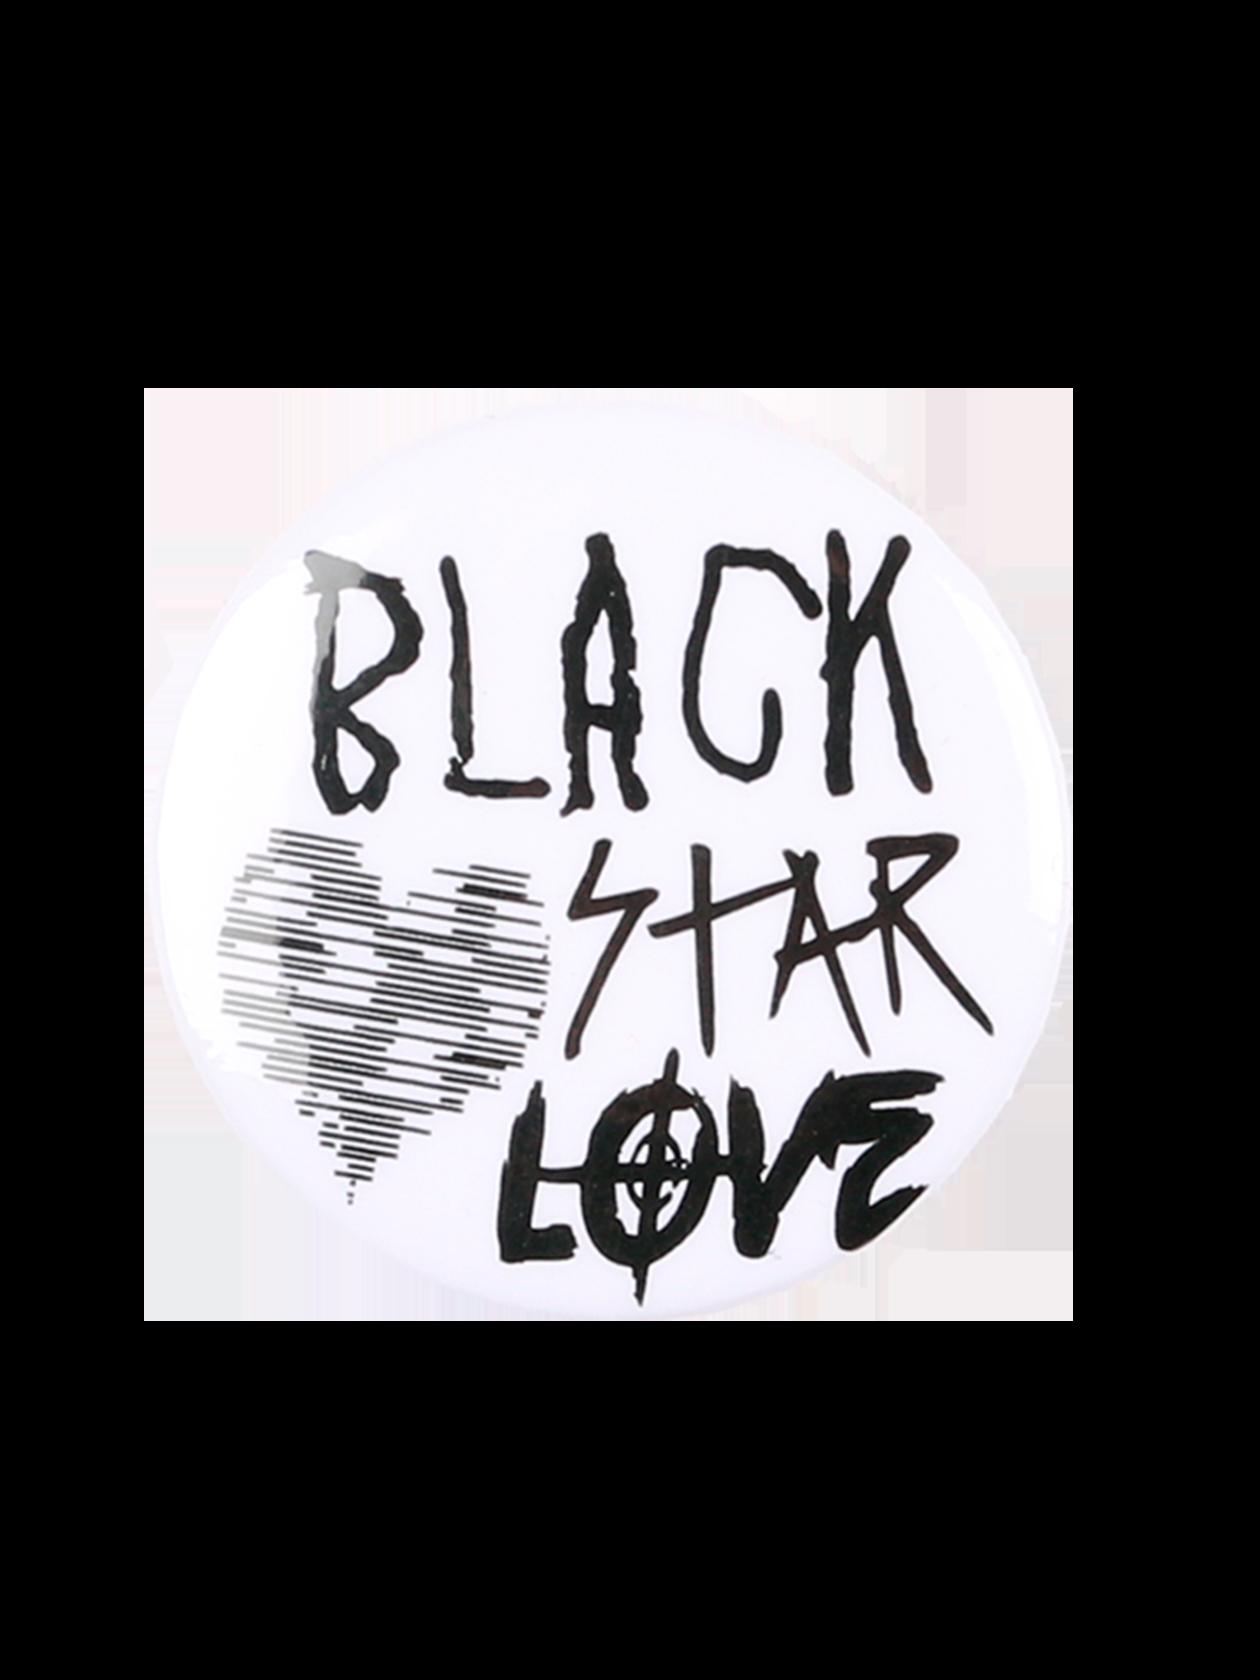 Значок AMOURСтильный значок Amour с контрастной надписью Black Star Love и заштрихованным сердцем добавит стиля повседневному образу. Аксессуар классической круглой формы изготовлен из практичного материала. Застежка английская булавка надежно крепит изделие на одежде, сумке или рюкзаке. Выберите для себя наиболее привлекательную расцветку украшения – белую, красную или черную.<br><br>Размер: Единый размер<br>Цвет: Белый<br>Пол: Унисекс